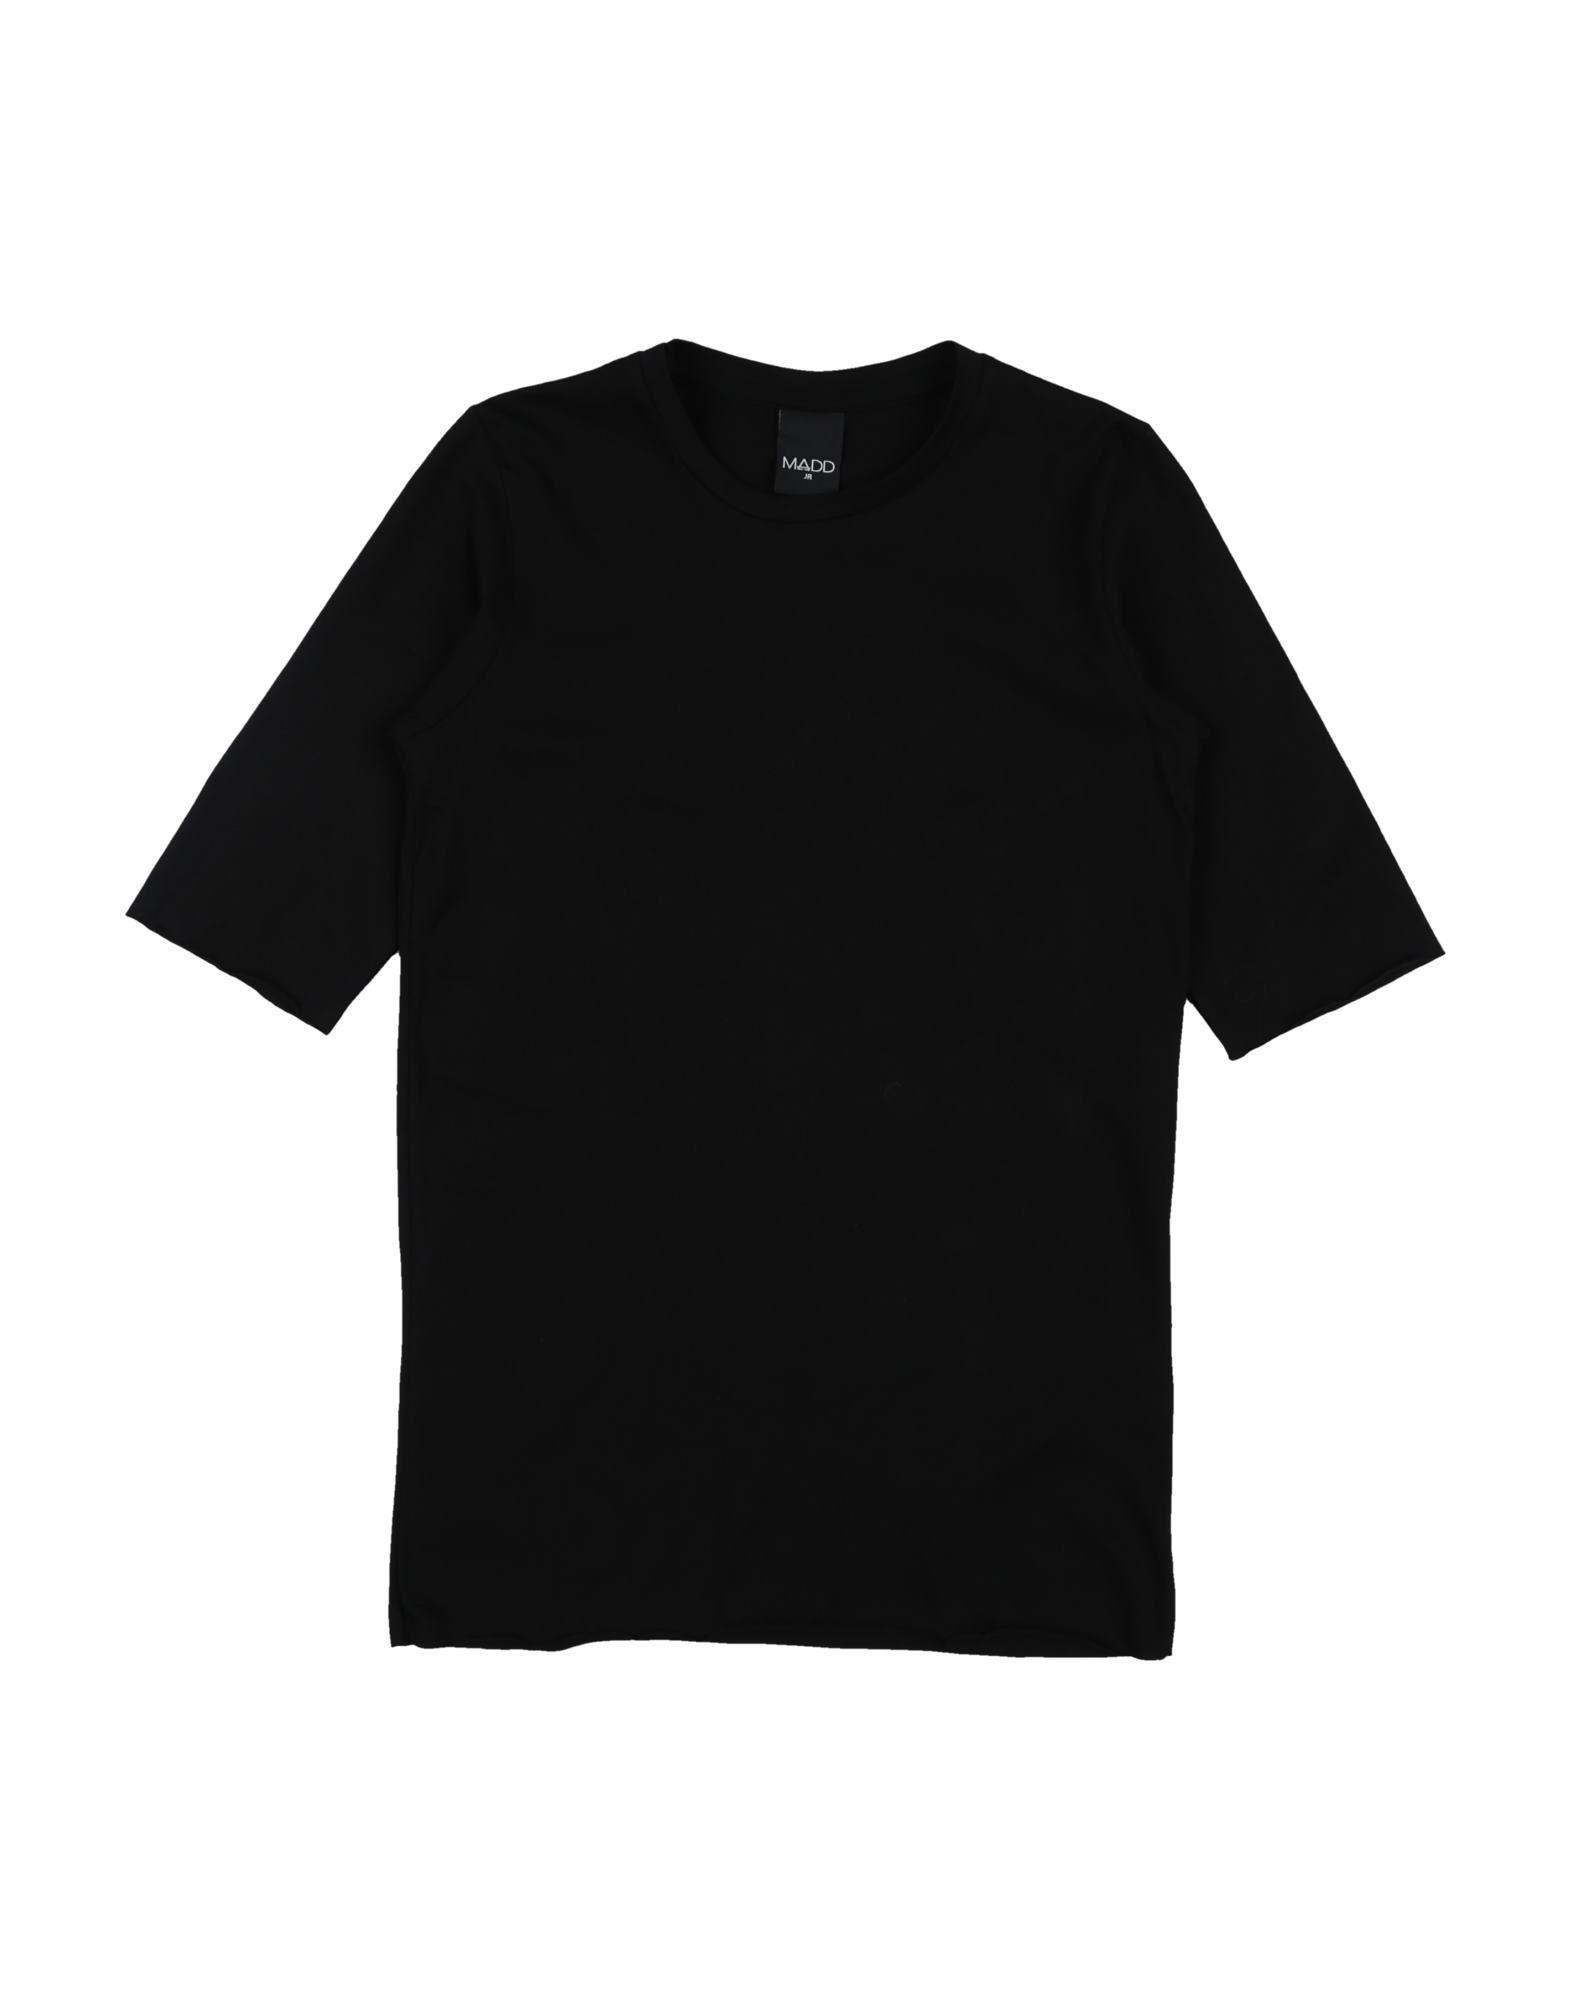 Madd Kids' T-shirts In Black